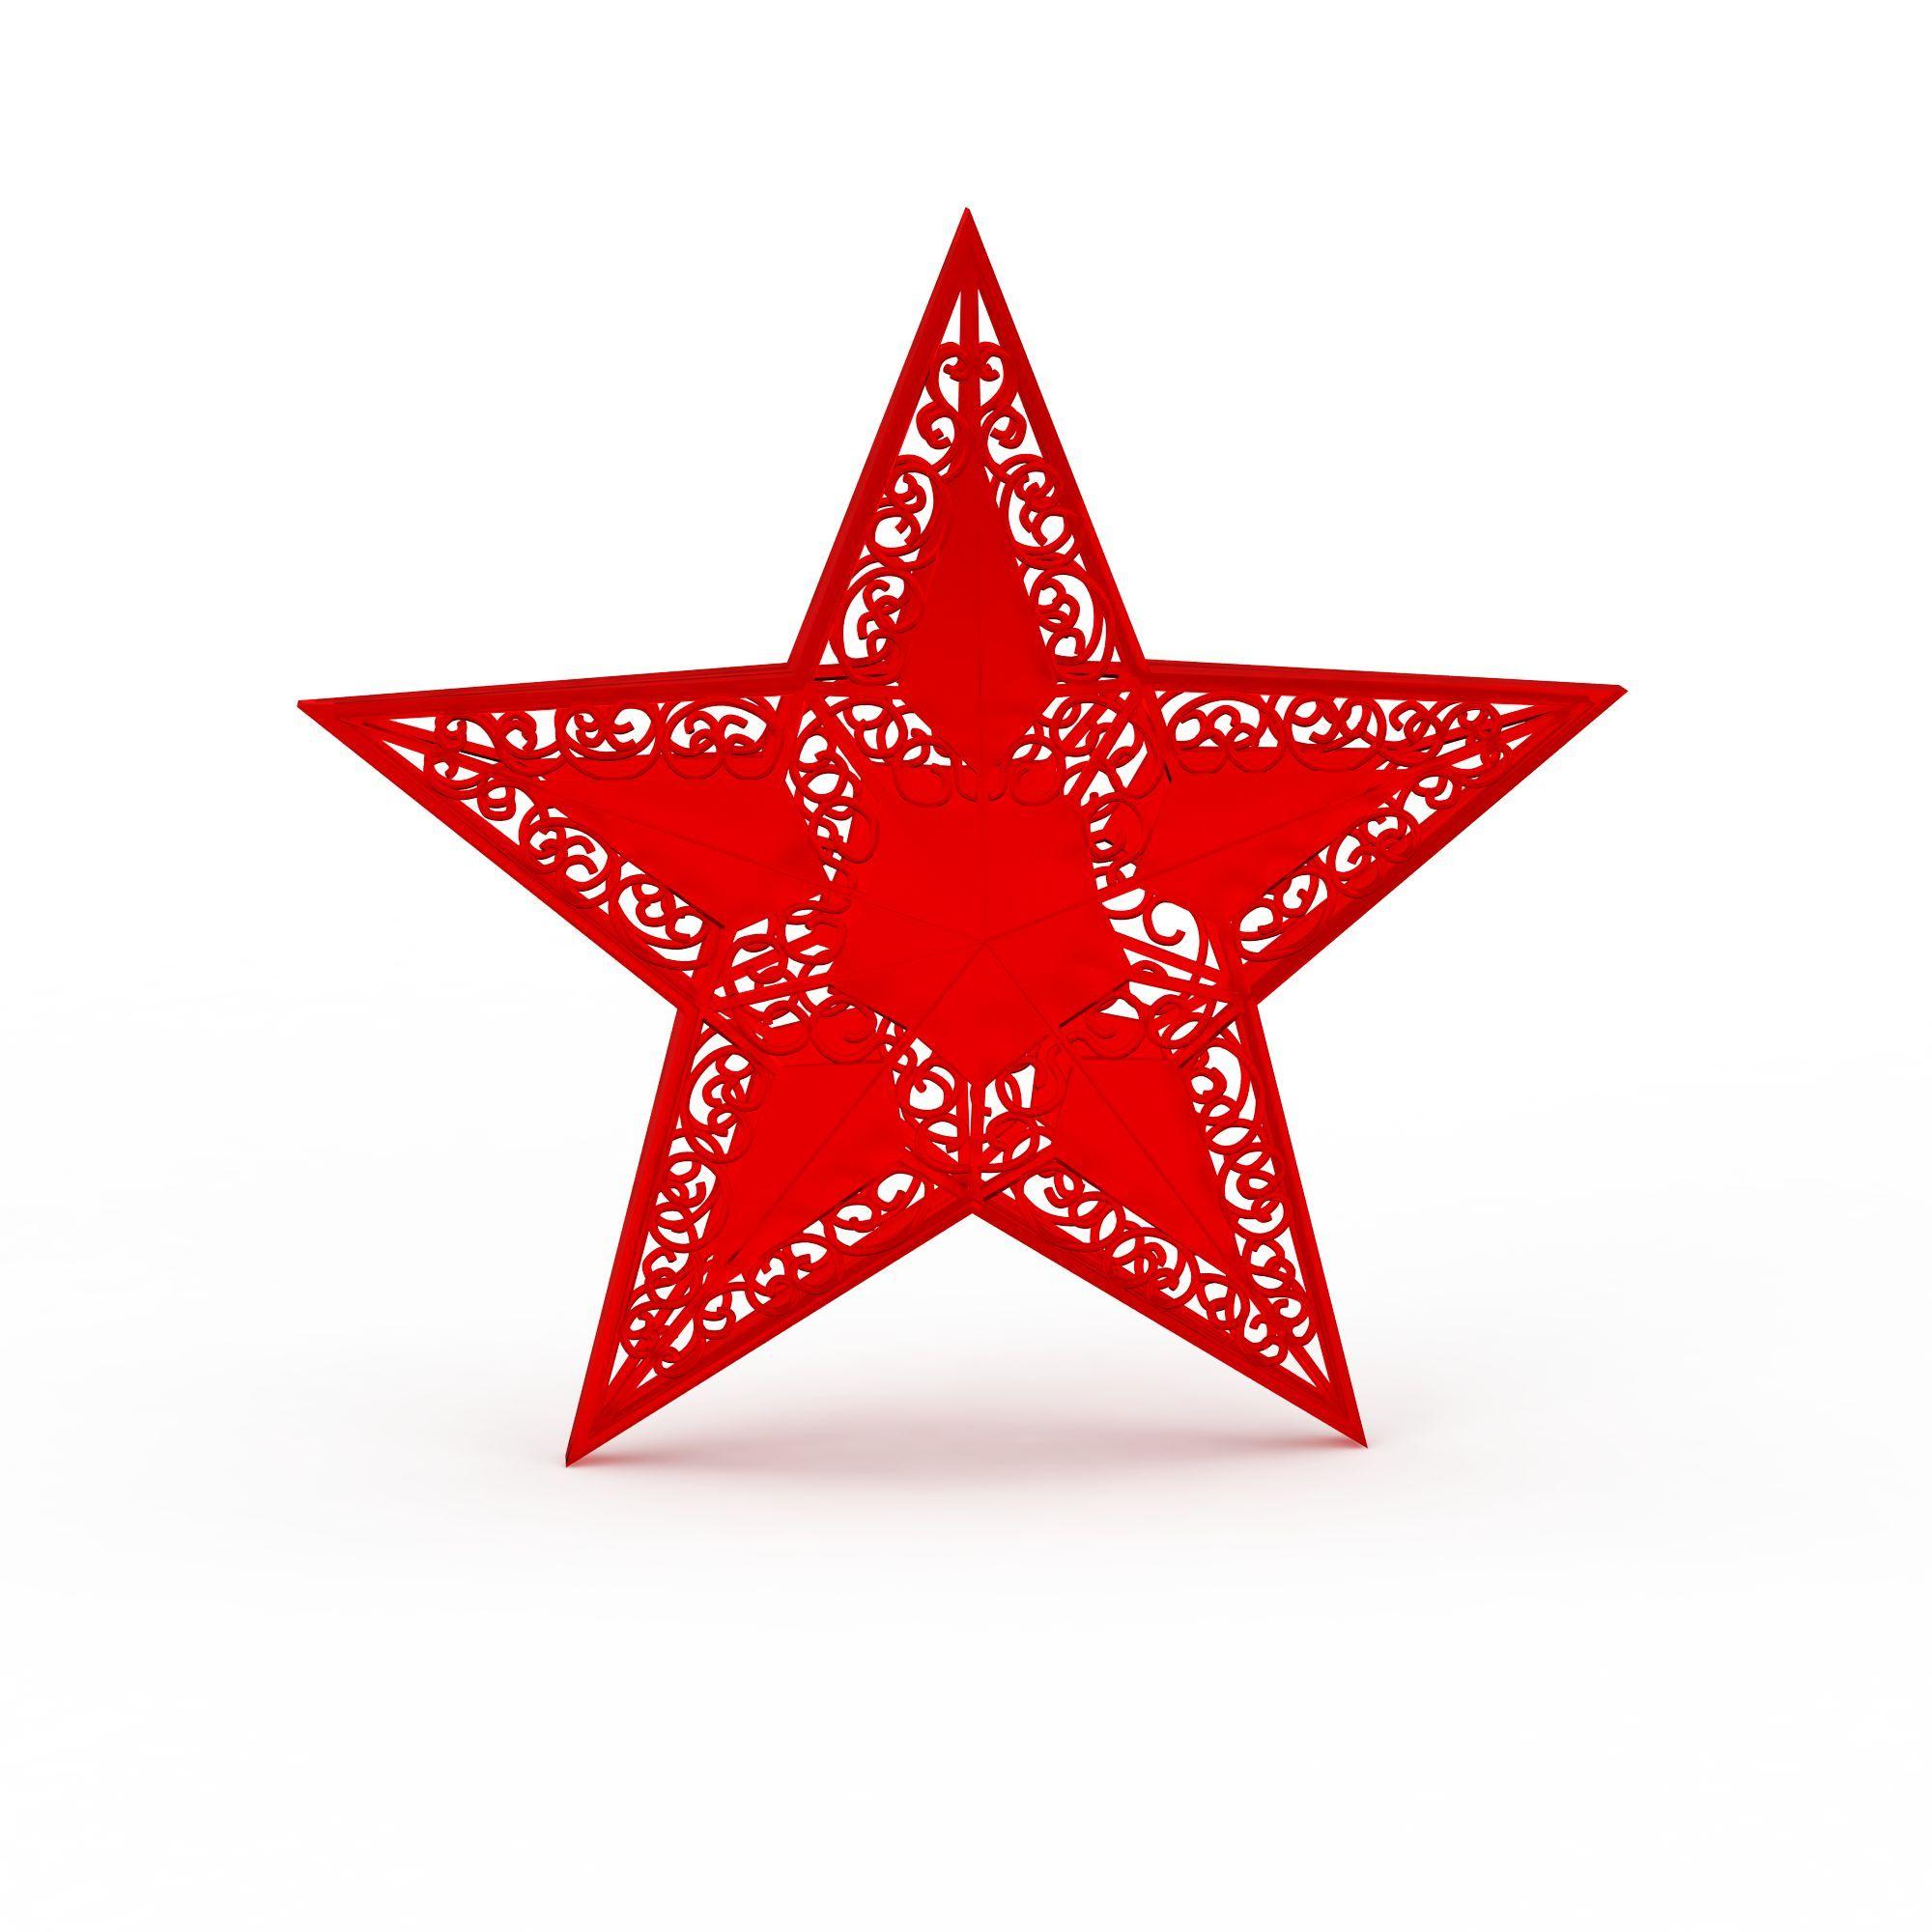 五角星装饰品图片_五角星装饰品png图片素材_五角星品